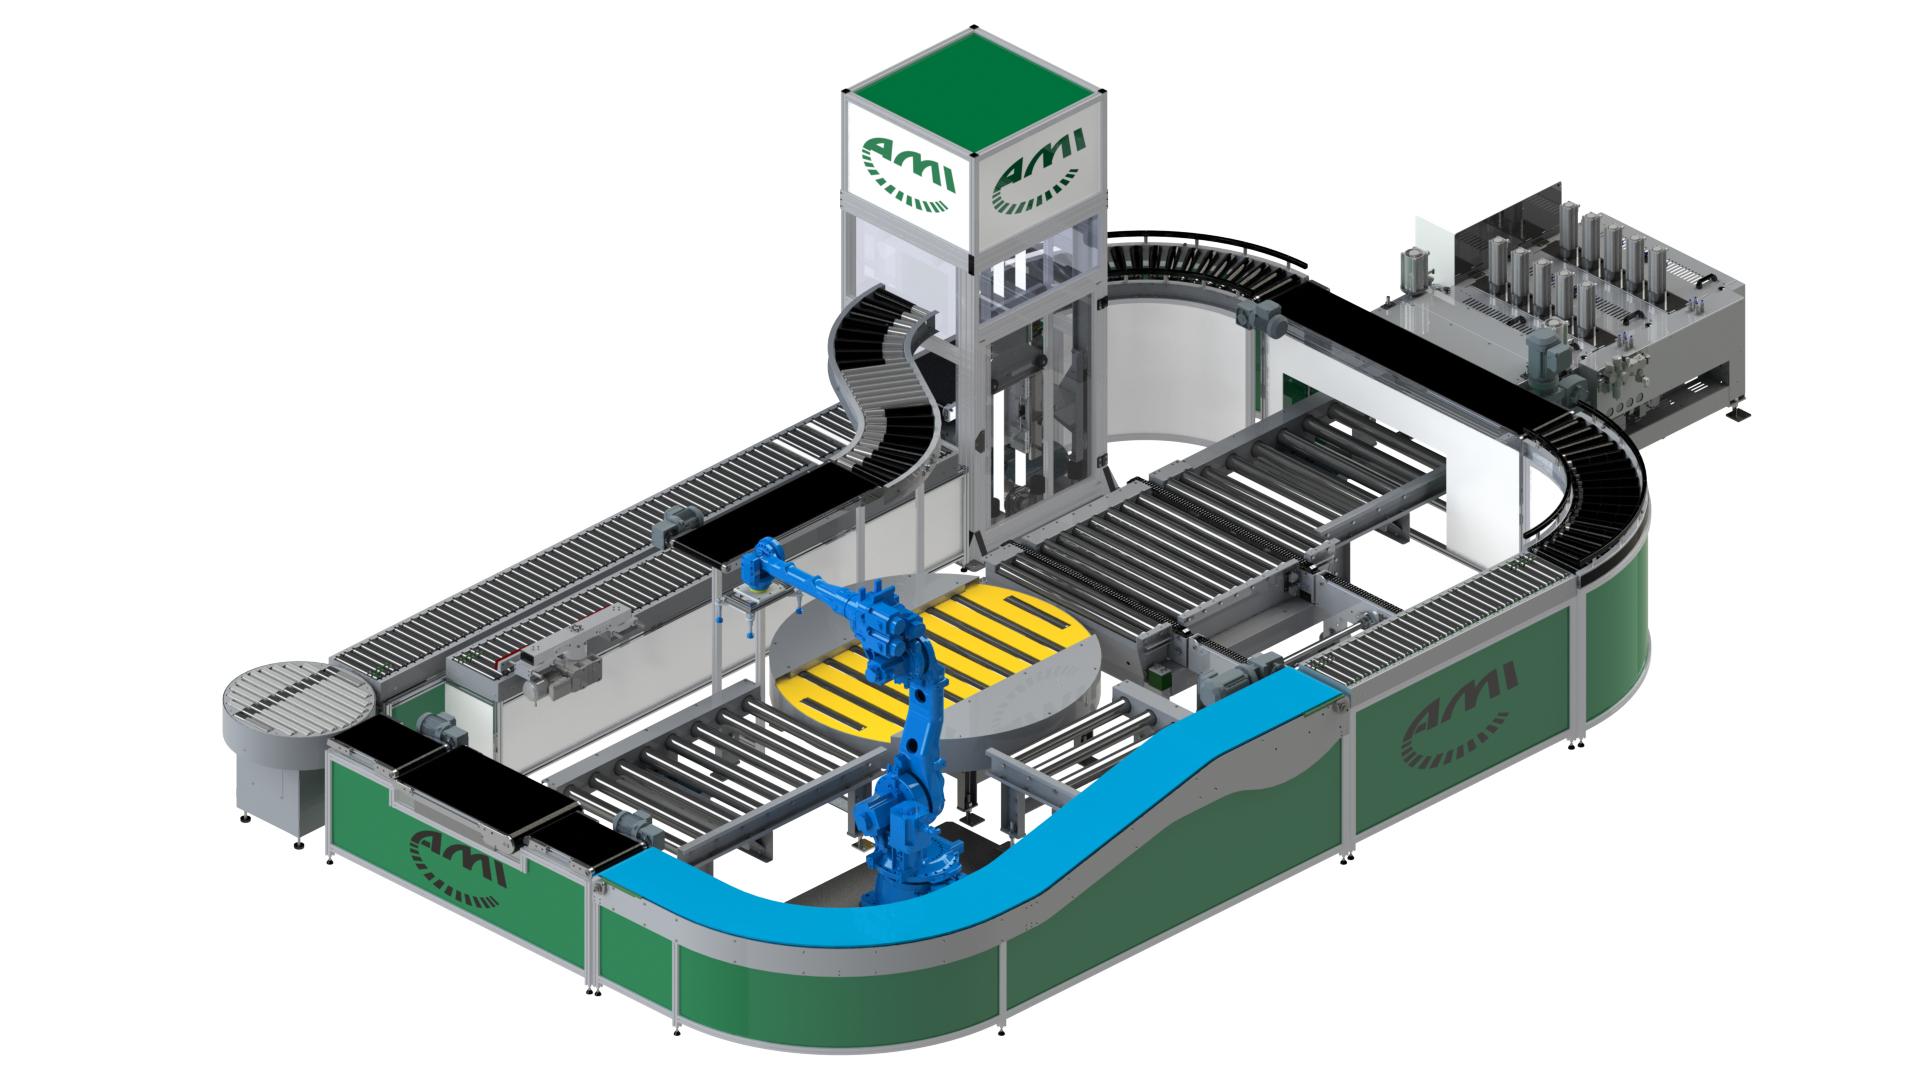 AMI stellte auf der LogiMAT 2017 smarte Lösung zur Logistiksteuerung vor